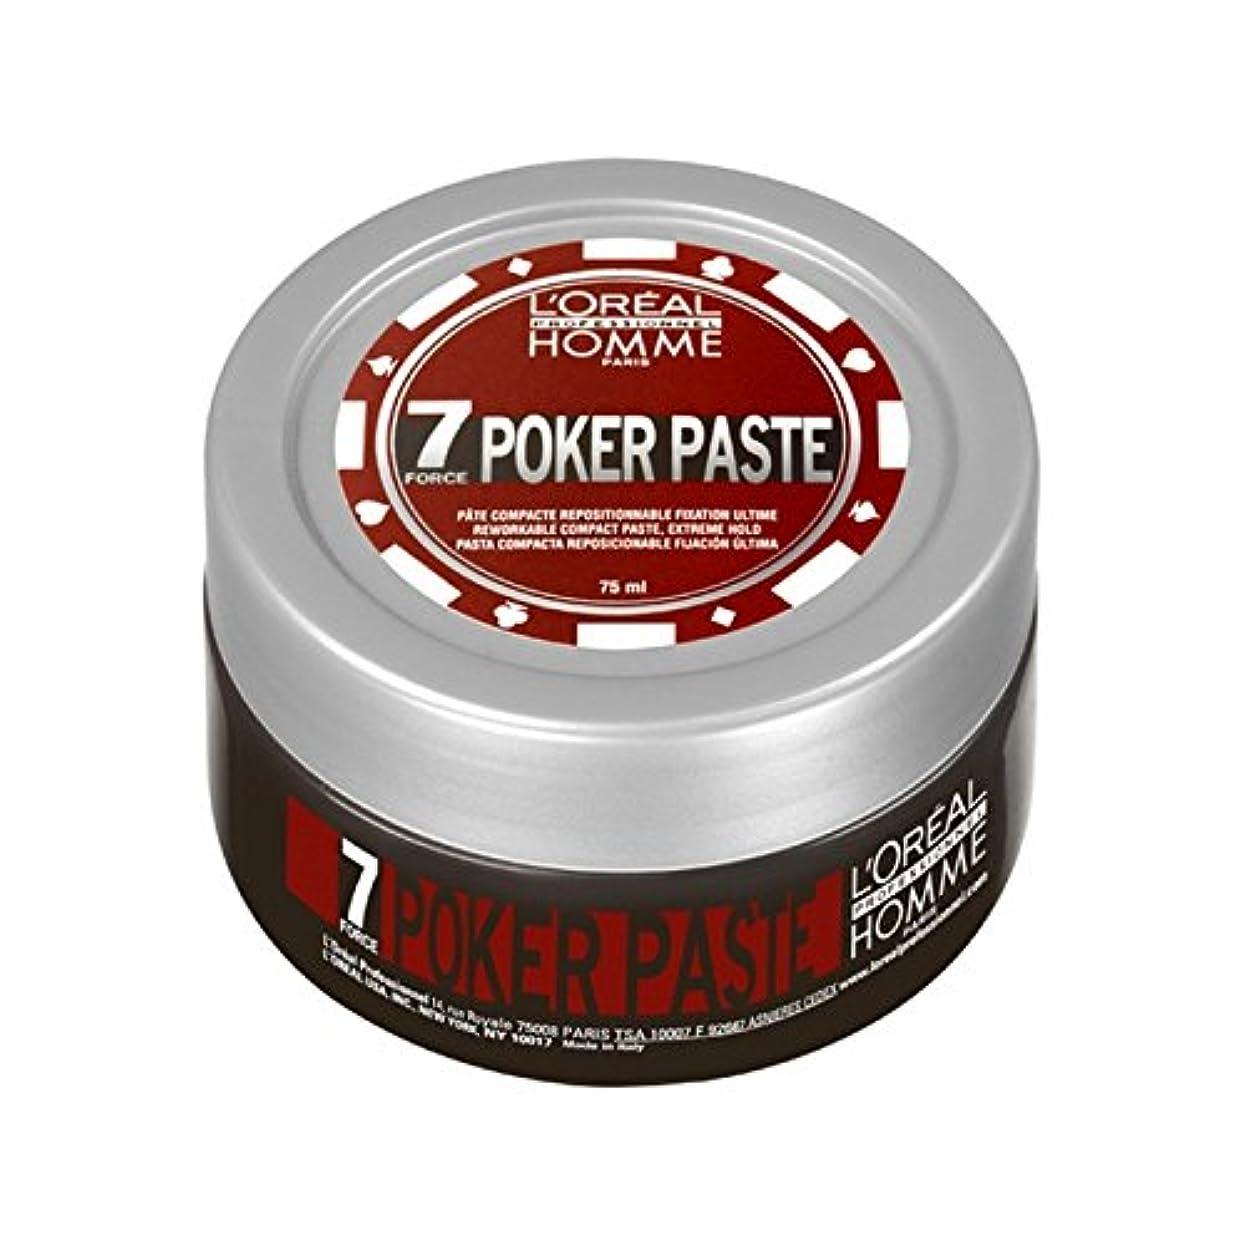 デザート進捗以前はロレアルプロオムポーカーペースト(75ミリリットル) x4 - L'Oreal Professional Homme Poker Paste (75ml) (Pack of 4) [並行輸入品]